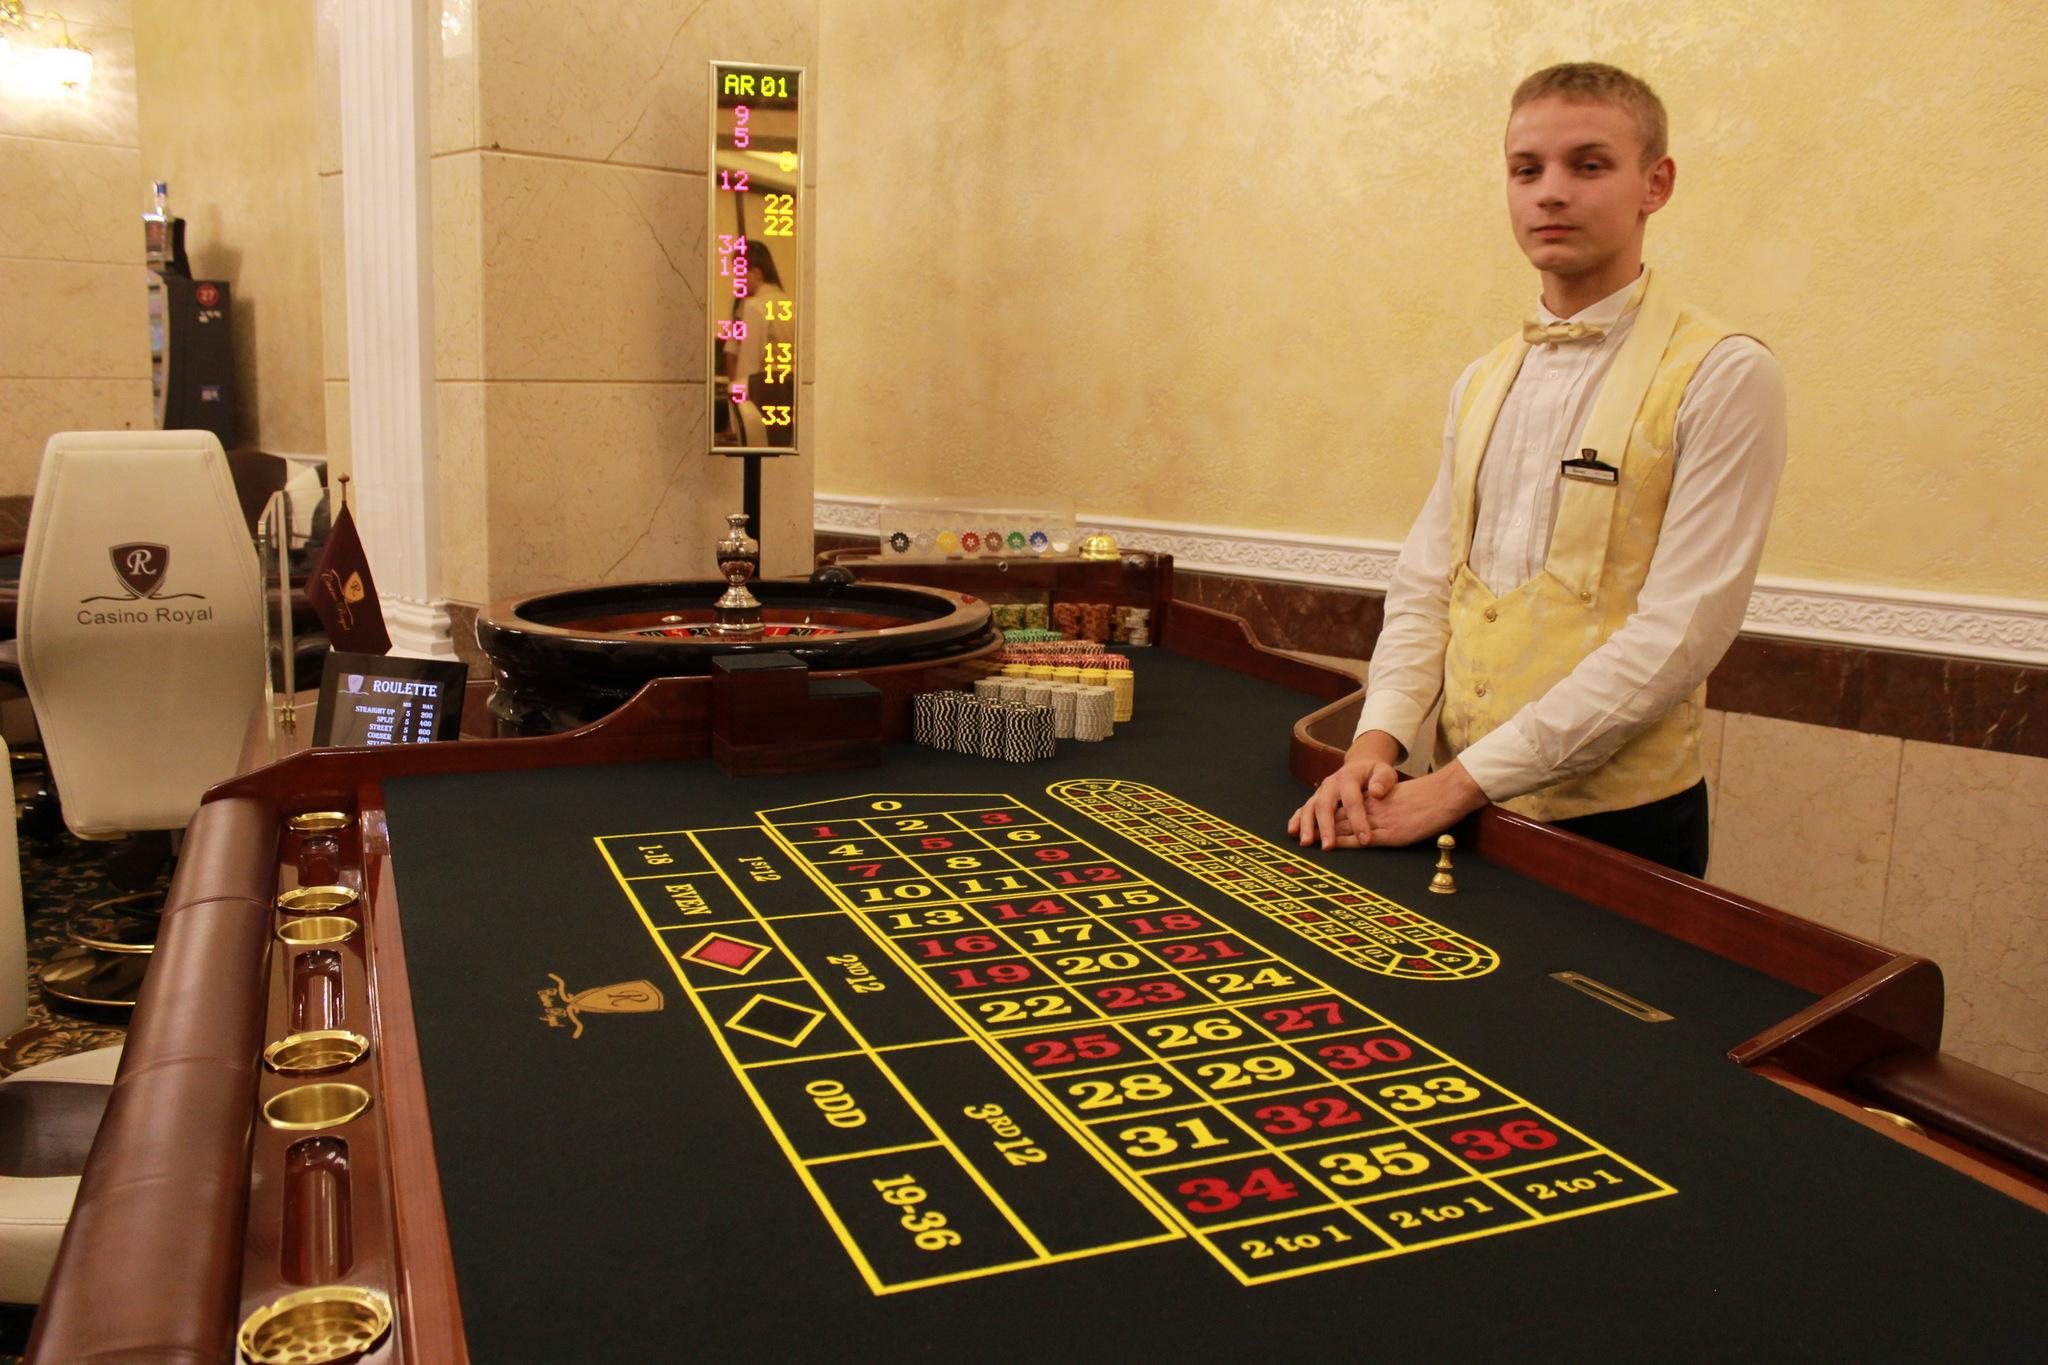 сеть казино и игровых залов г.новополоцк, полоцк беларусь